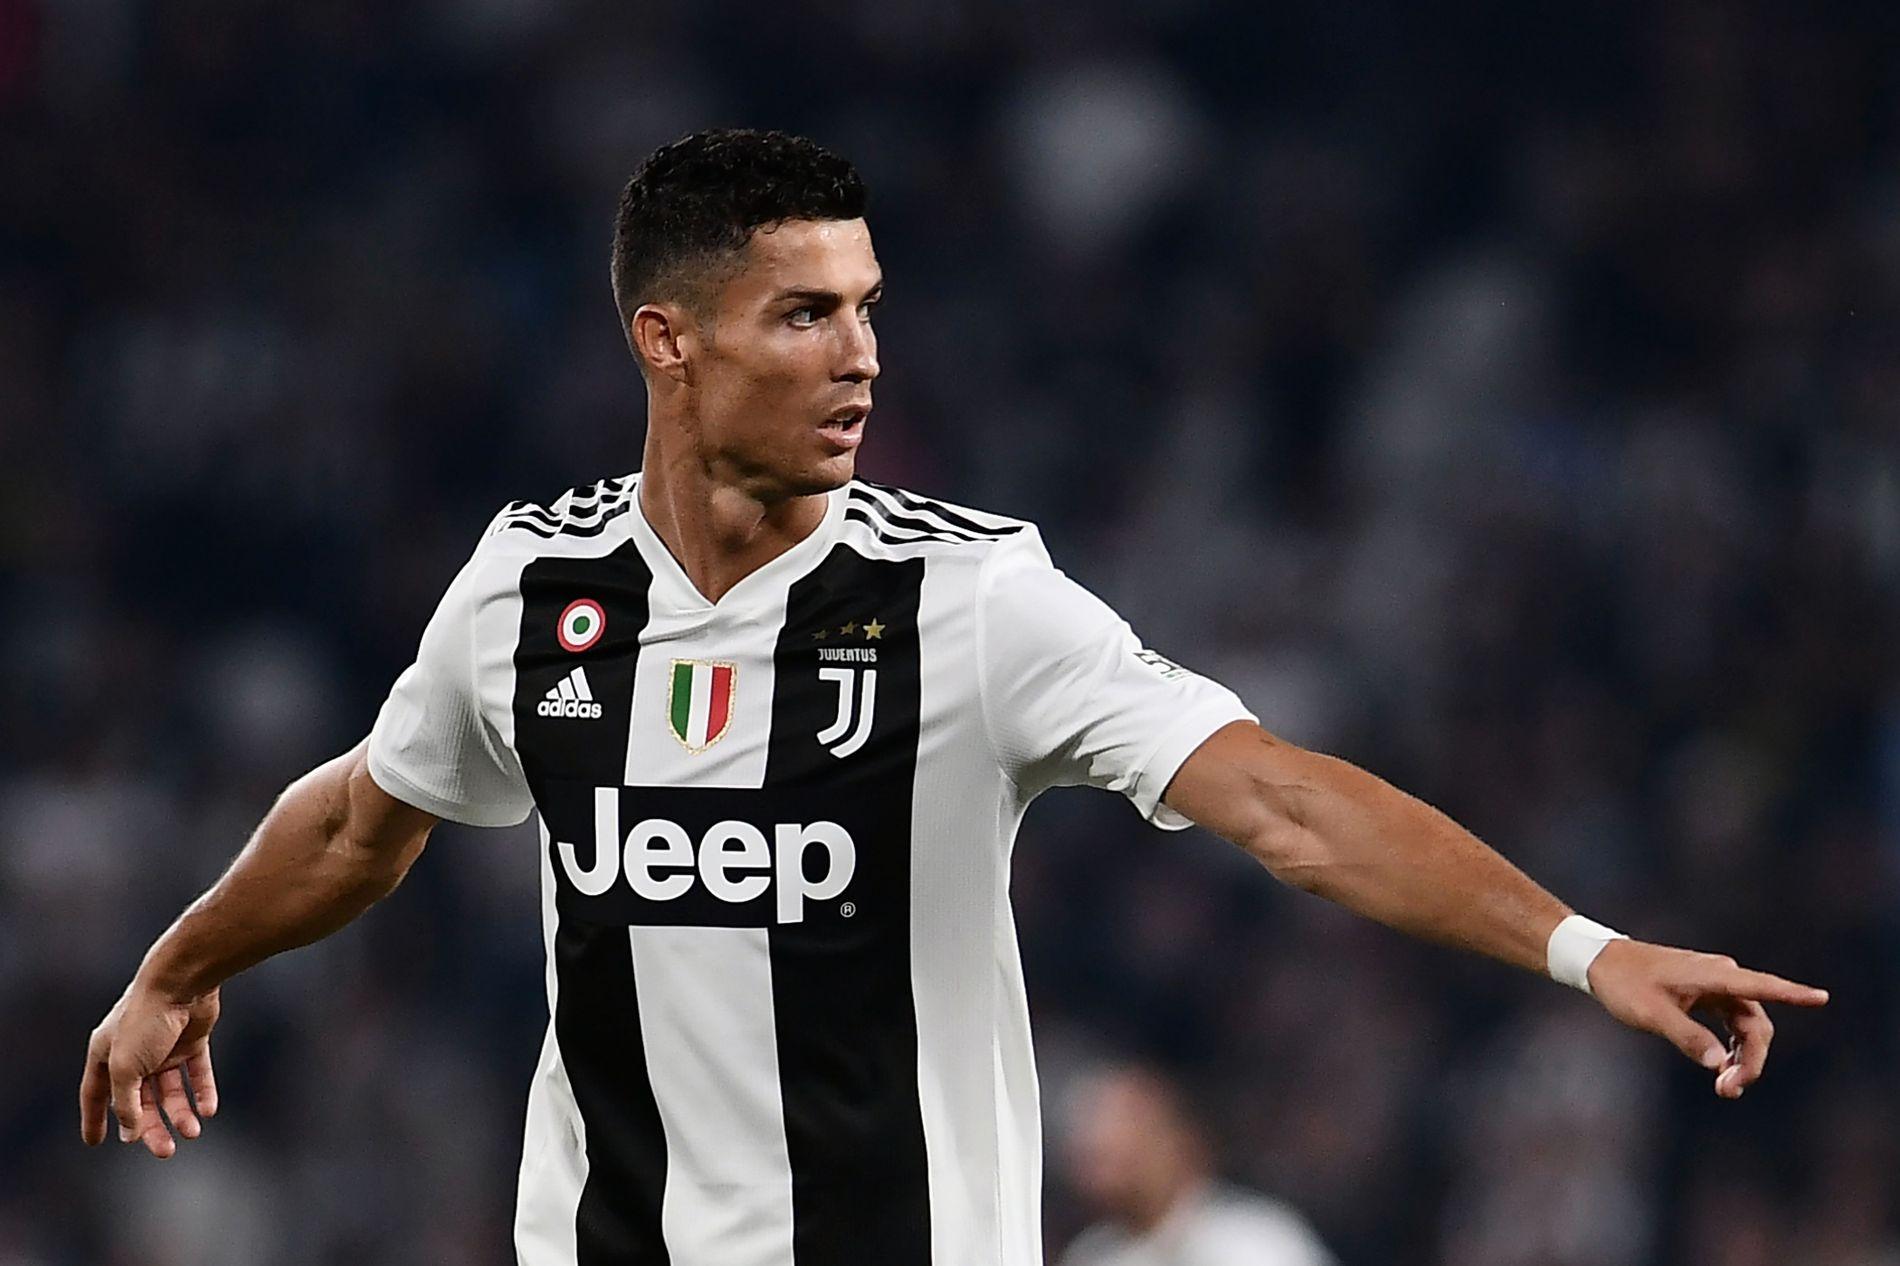 SLÅR TILBAKE: Cristiano Ronaldos advokater hevder at det er spredd falske dokumenter hvor fotballstjernen  kommer med innrømmelser om den påståtte episoden med  Kathryn Mayorga.